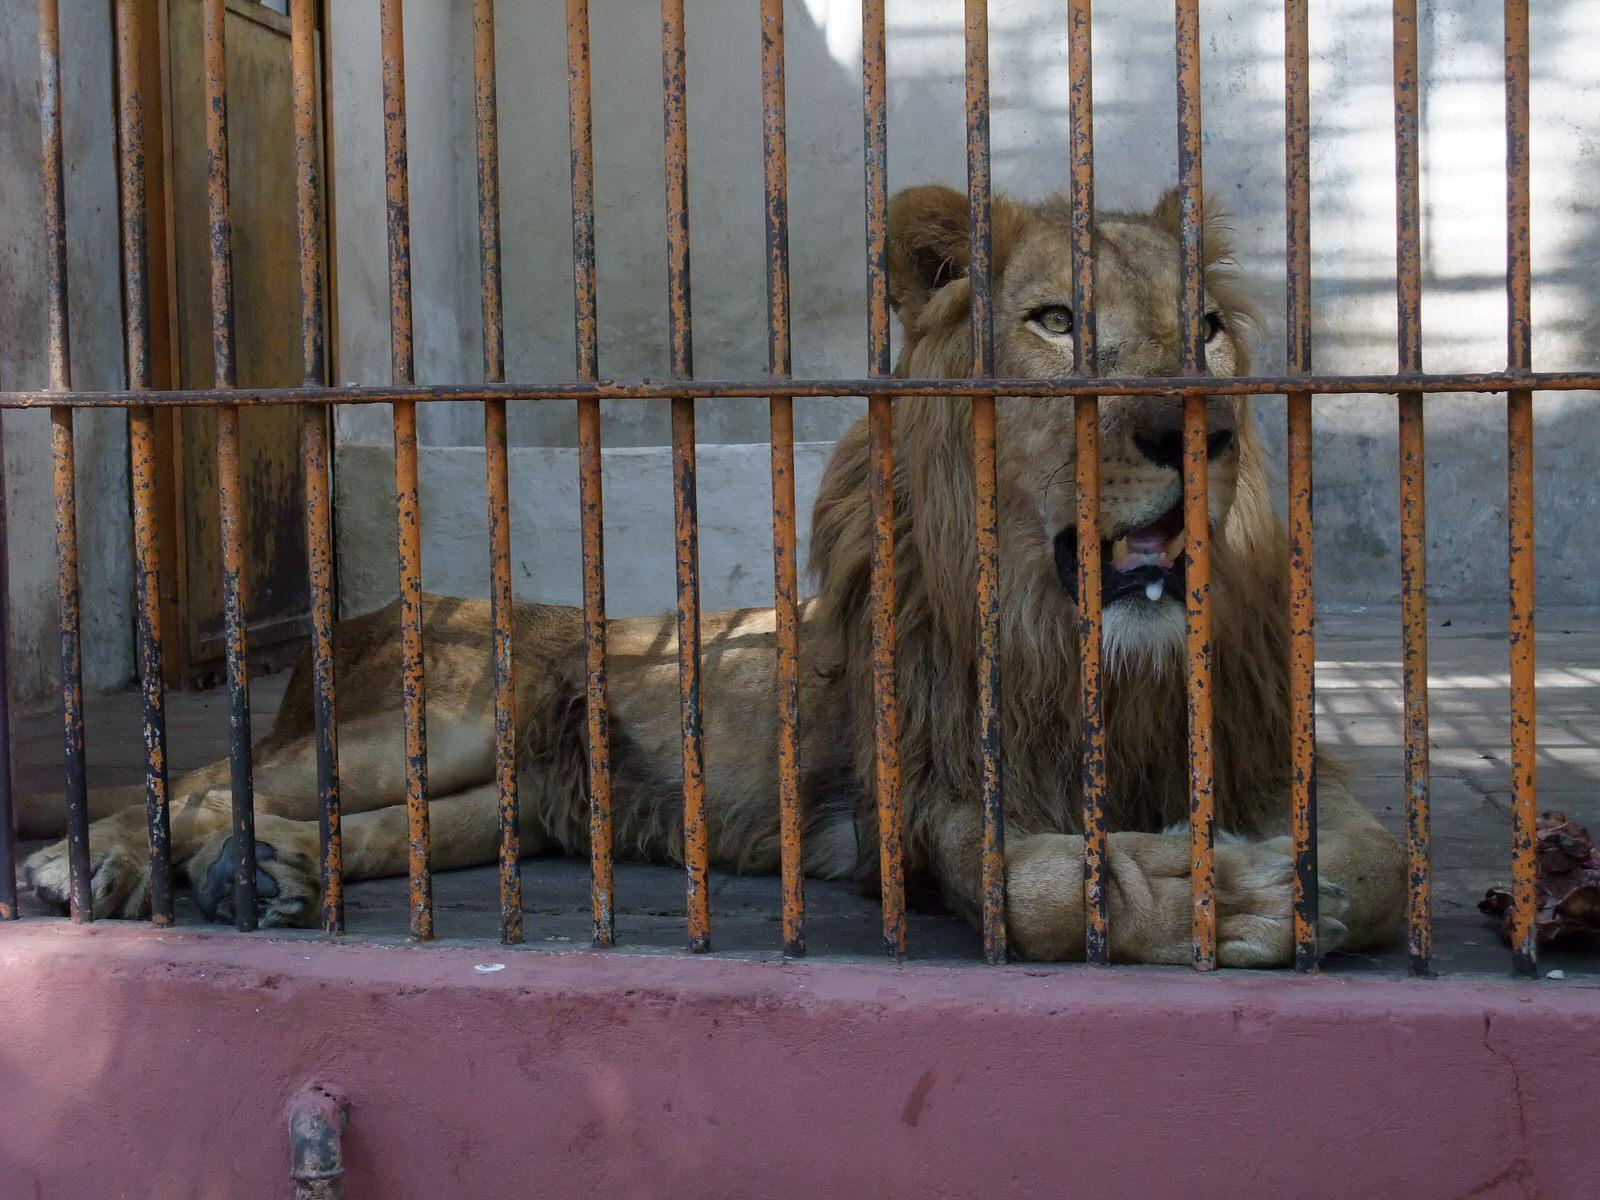 cairo zoo